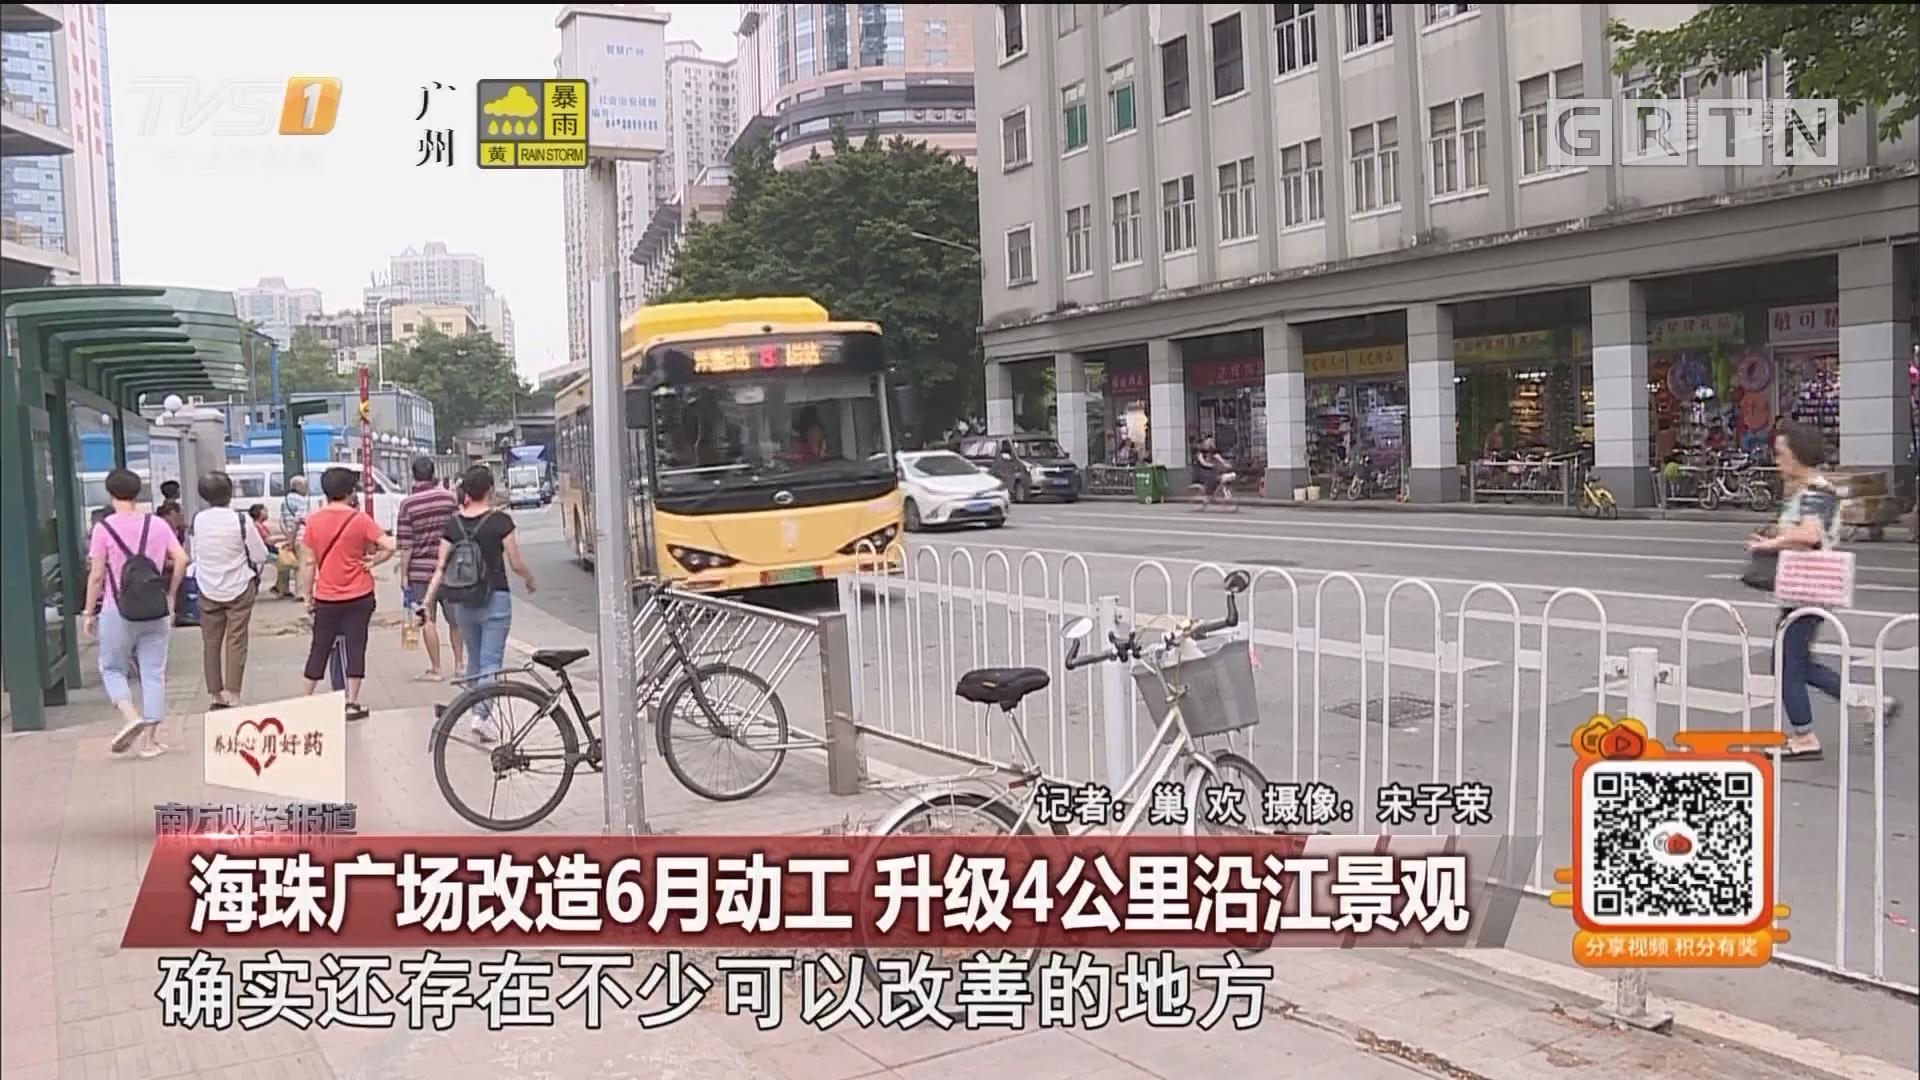 海珠广场改造6月动工 升级4公里沿江景观